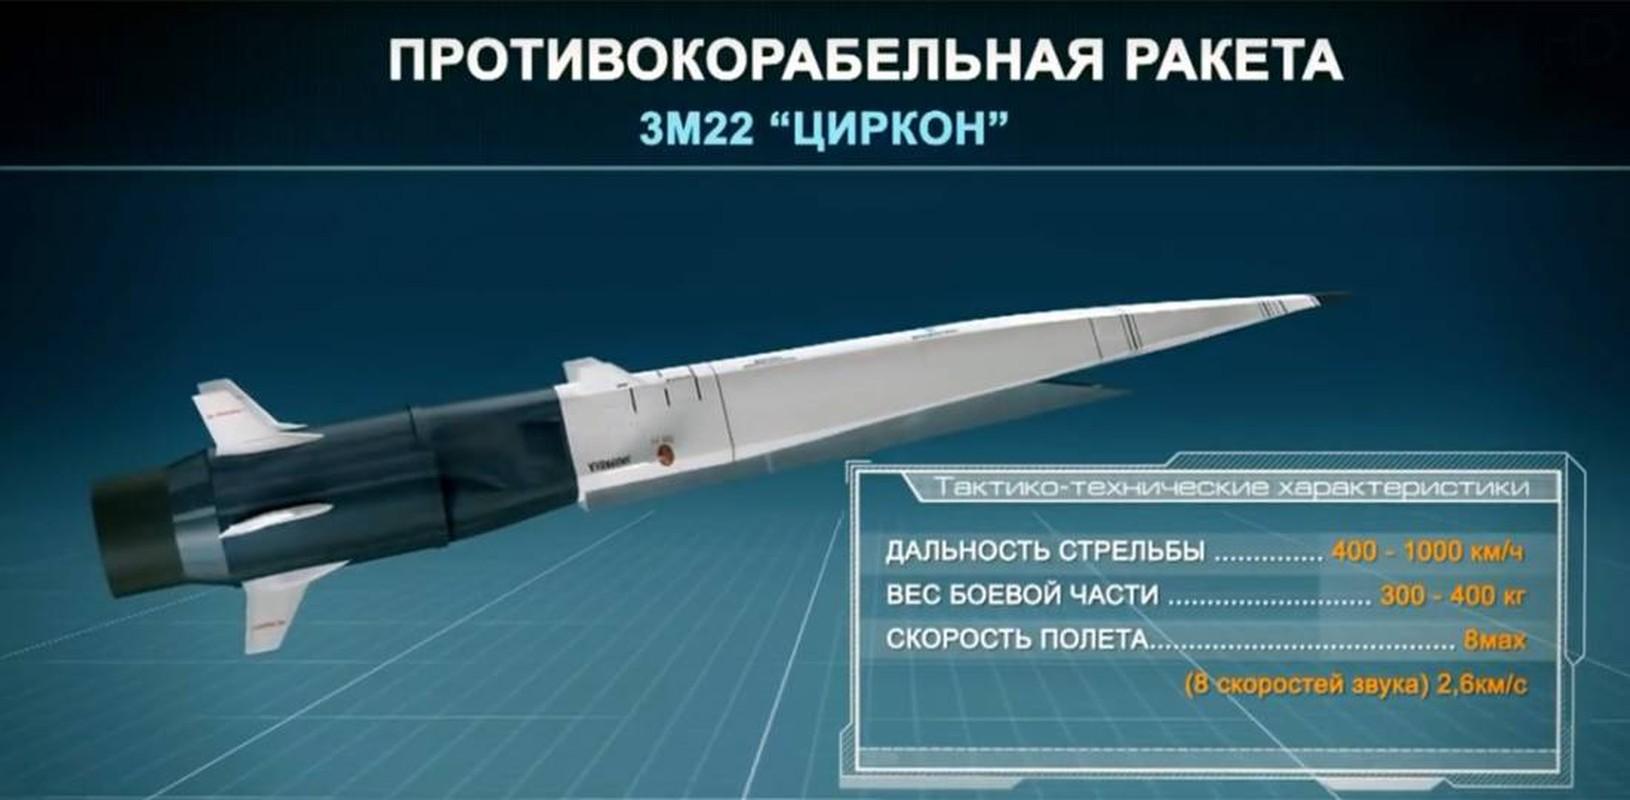 Tiem kich Su-57 cua Nga nhan ten lua sieu thanh Zircon thu nho-Hinh-8